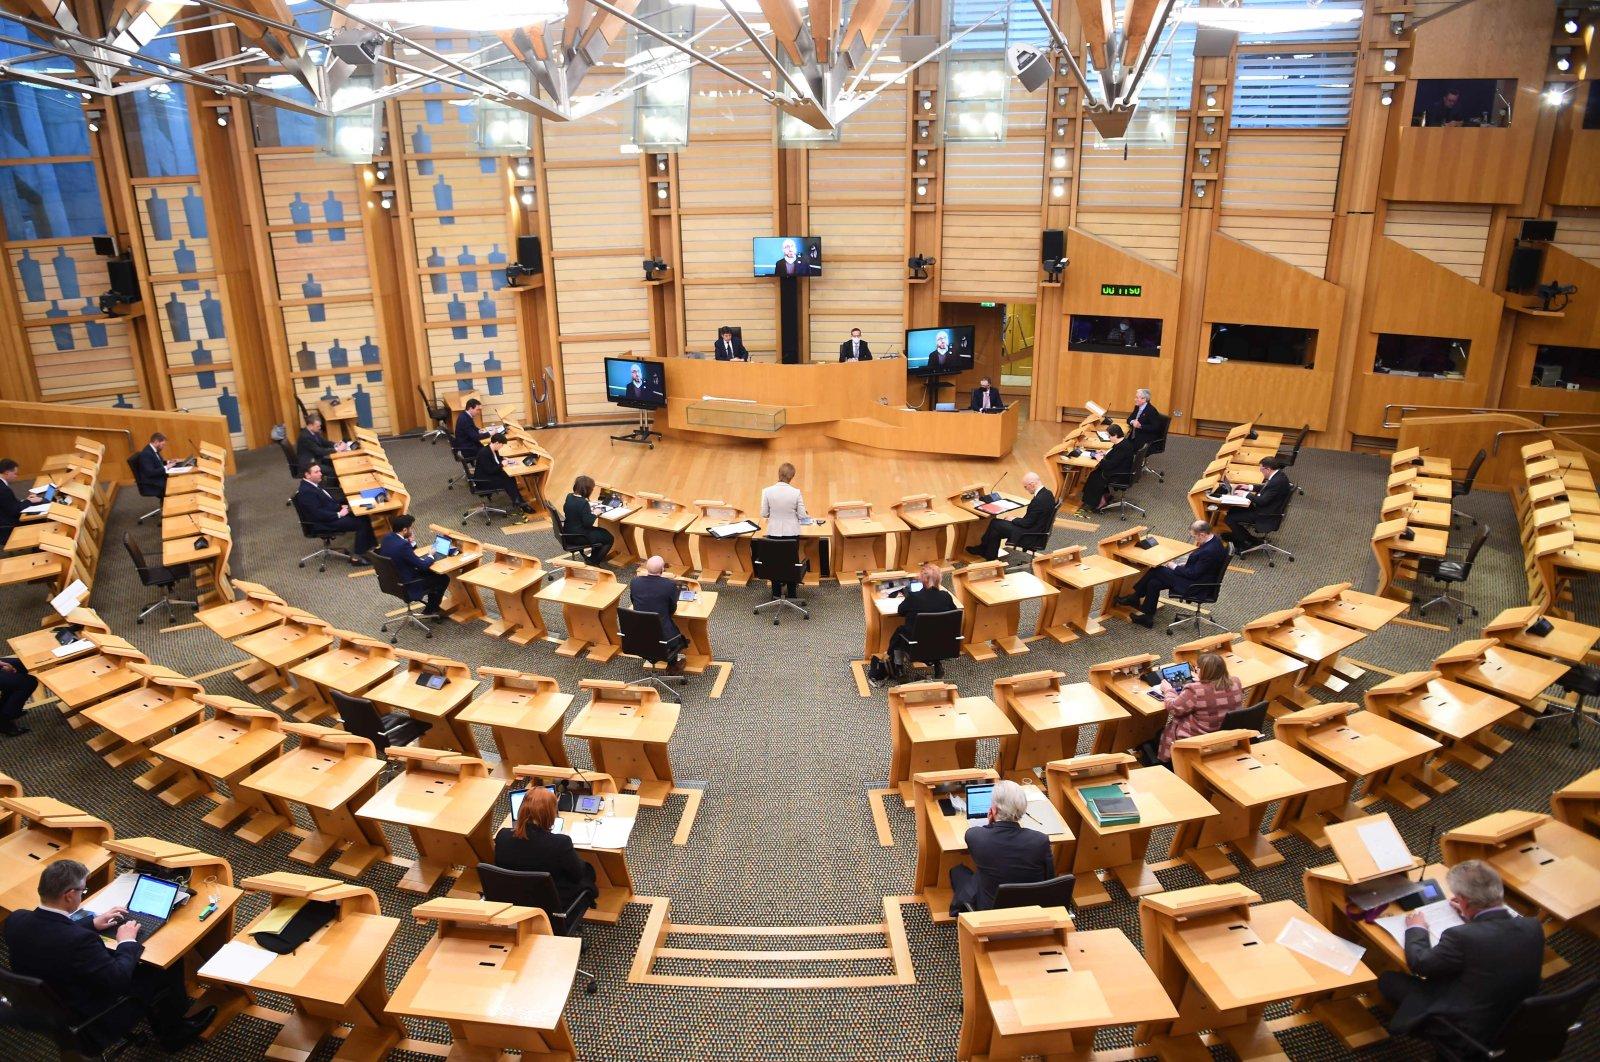 Schottlands erster Minister Nicola Sturgeon (C) informiert am 2. Februar 2021 im schottischen Parlament in Holyrood, Edinburgh, über die COVID-19-Pandemie. (AFP-Foto)